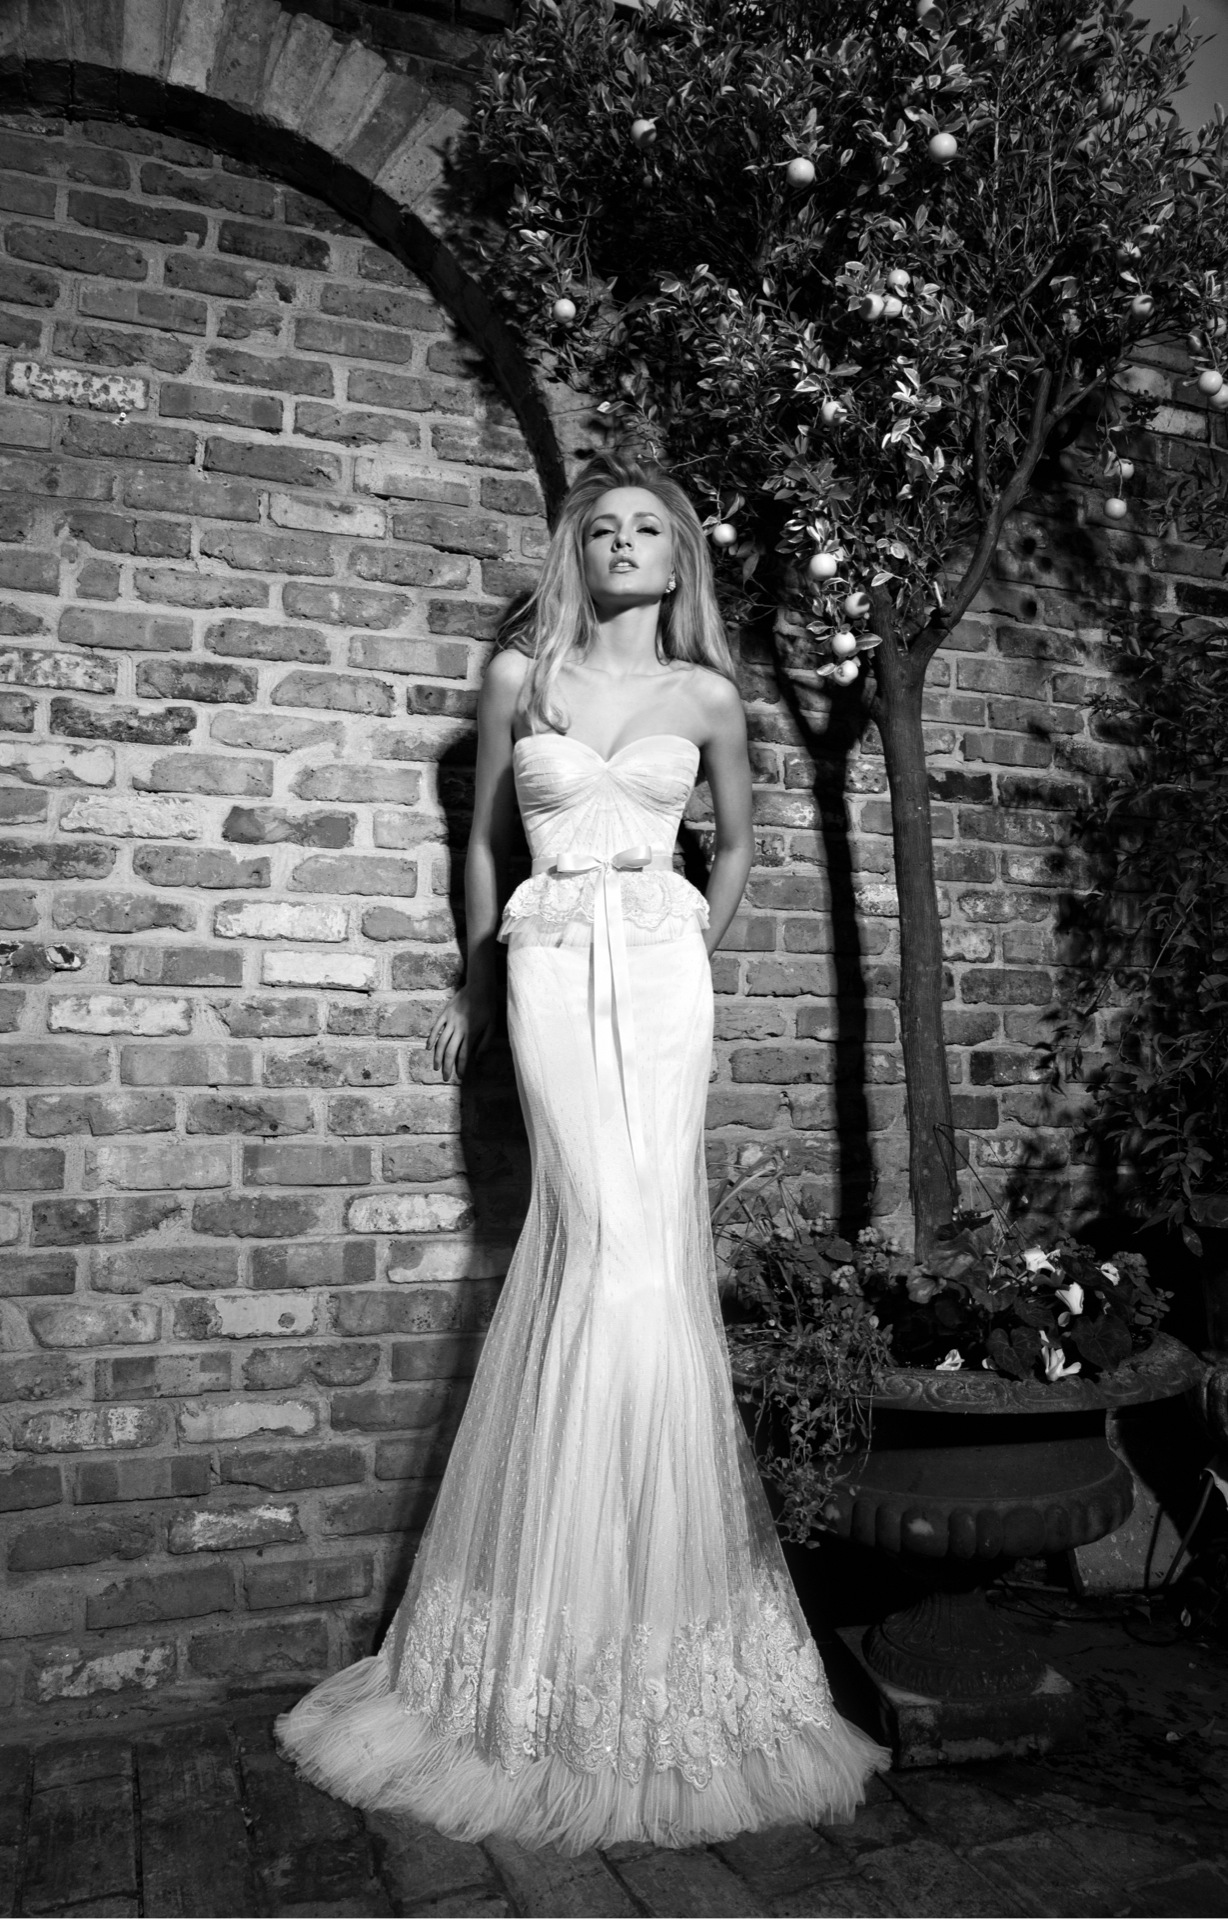 2013 wedding dress galia lahav bridal grace Wedding dress designer galia lahav